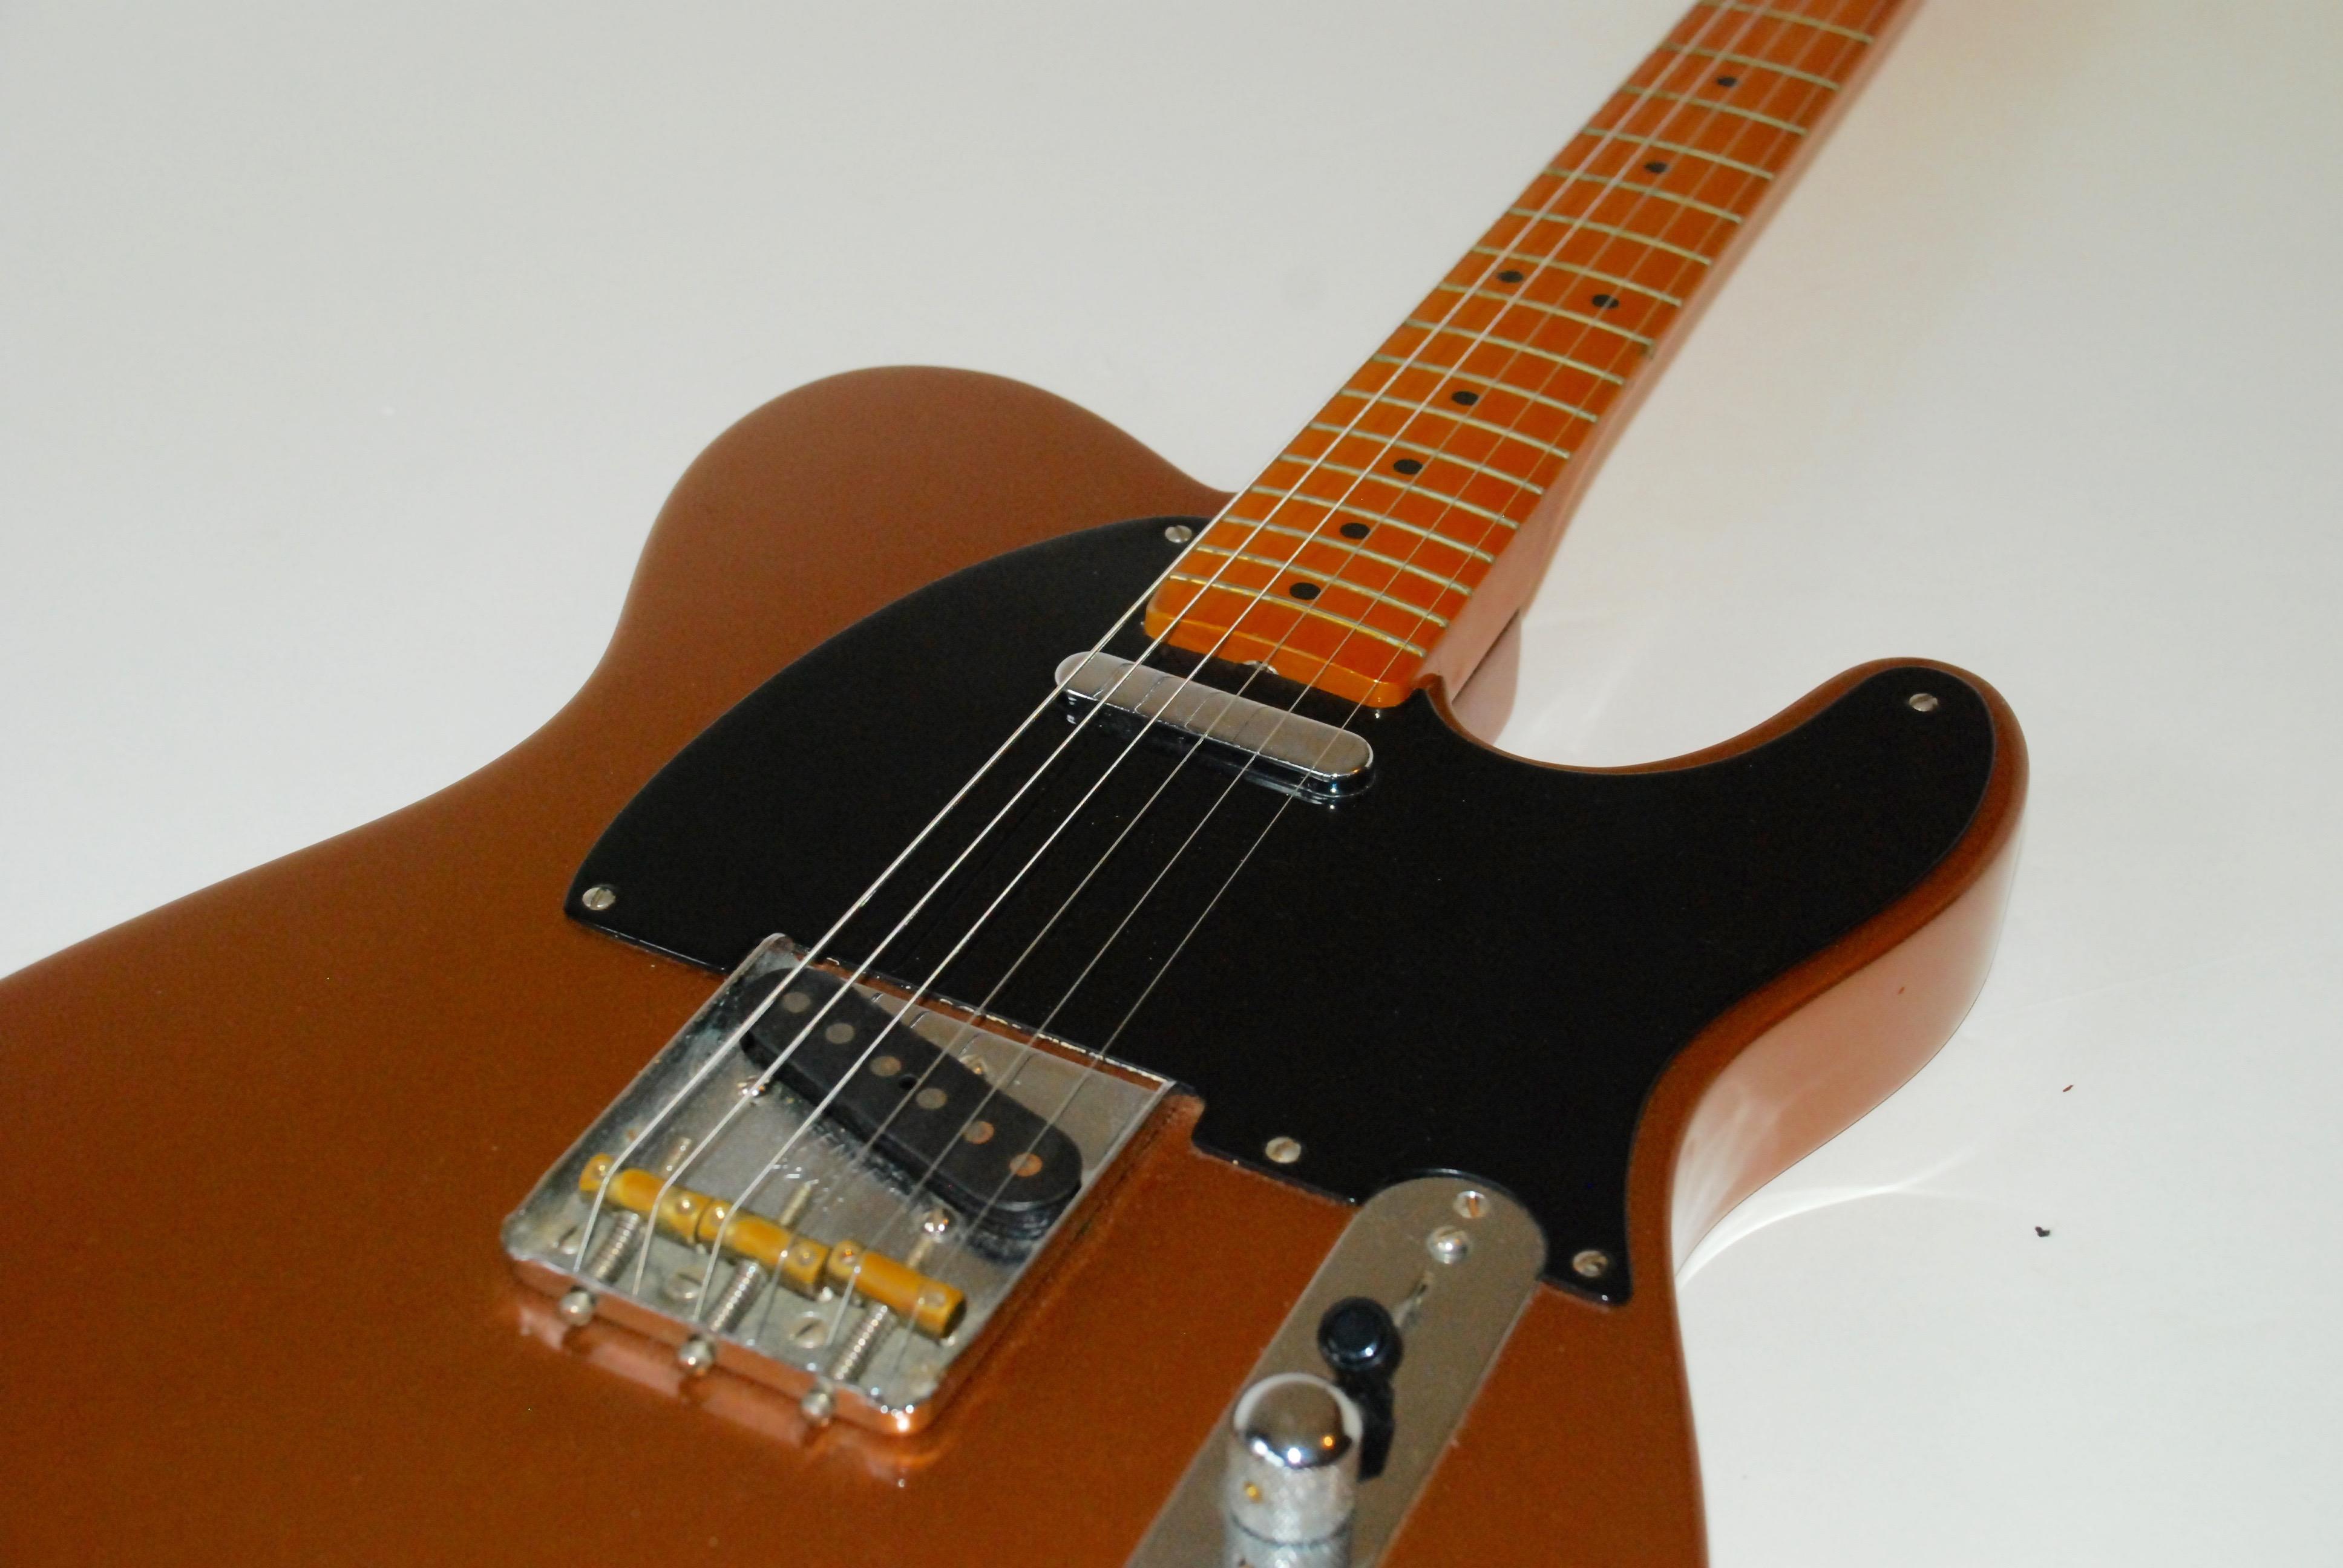 fender telecaster american vintage reissue 52 1997 copper guitar for sale bass n guitar. Black Bedroom Furniture Sets. Home Design Ideas